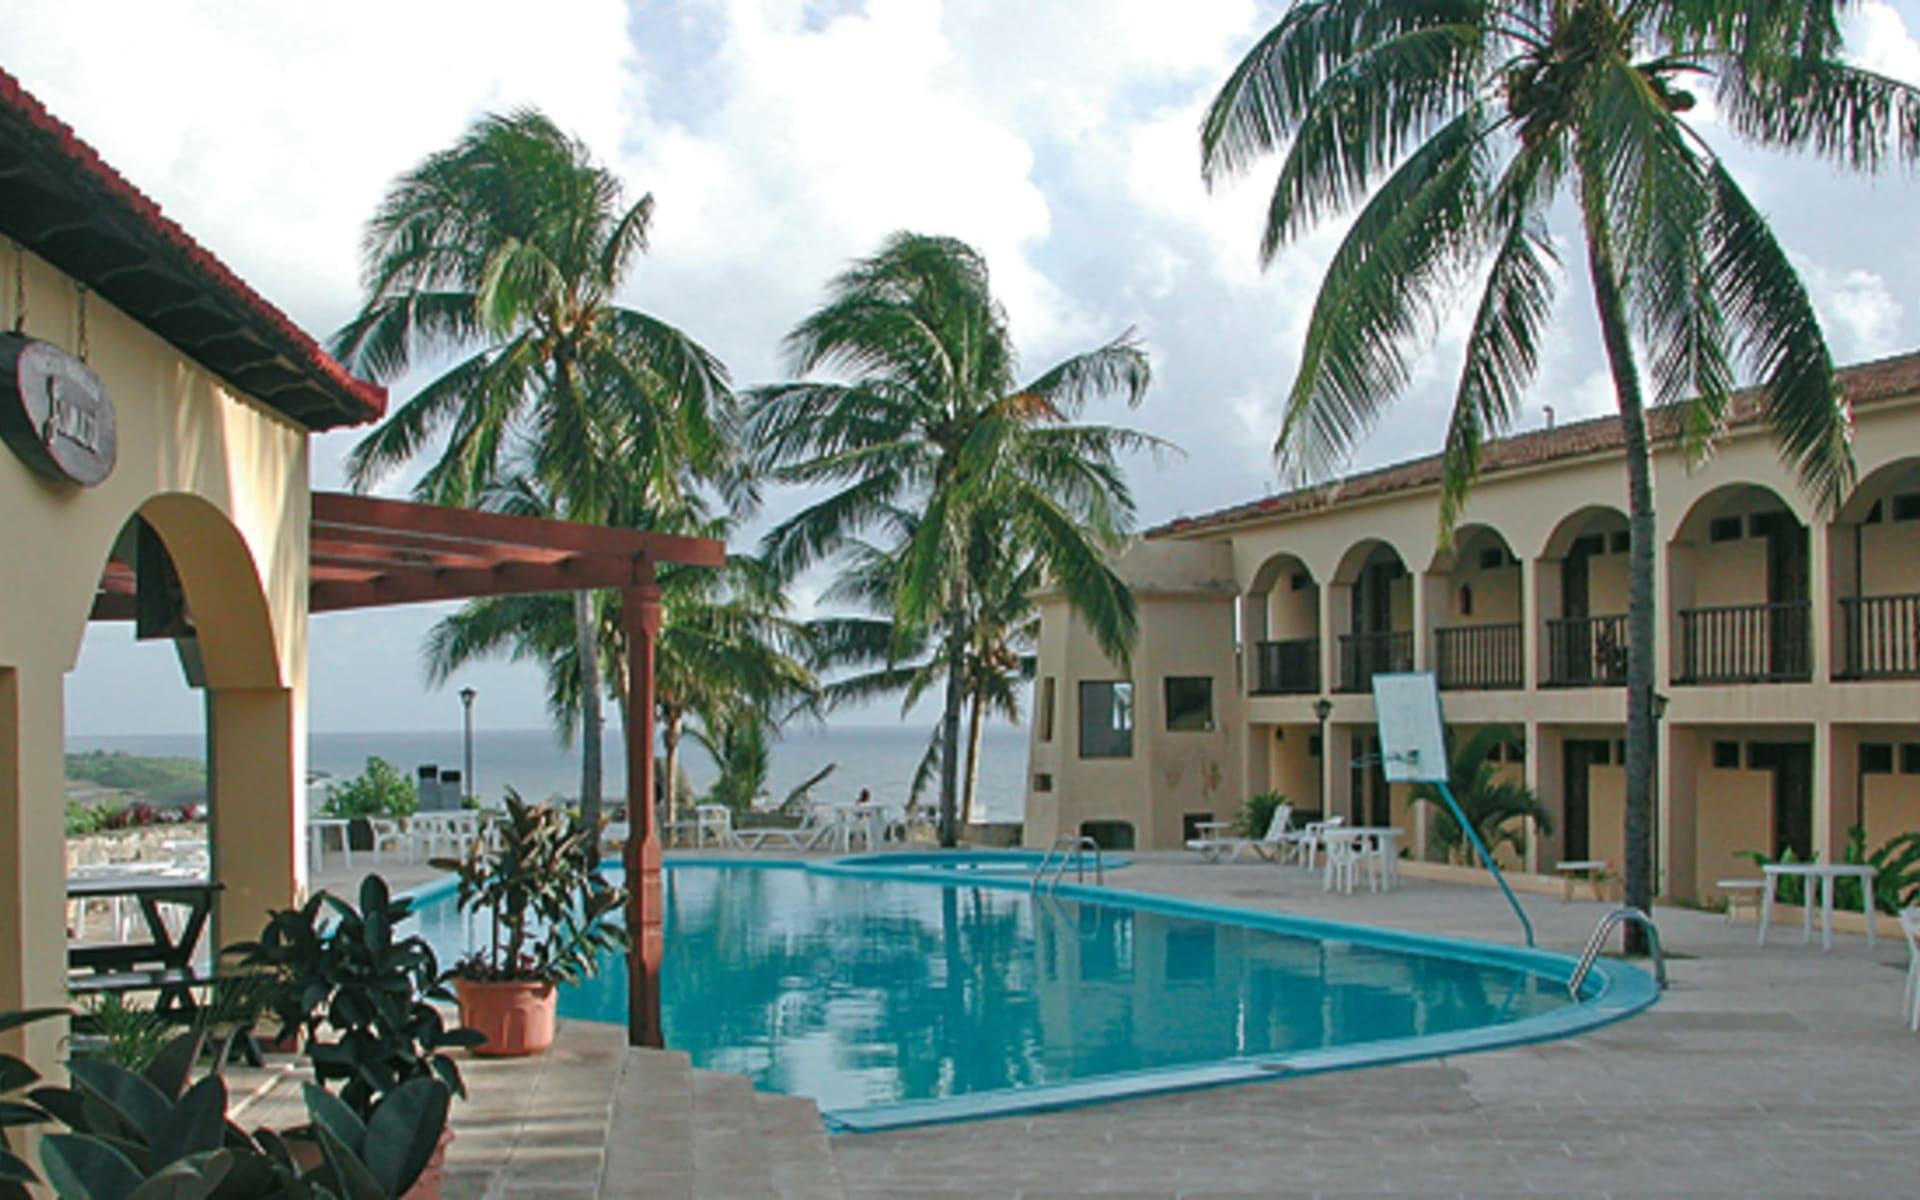 El Castillo in Baracoa: Baracoa_El Castillo_Pool